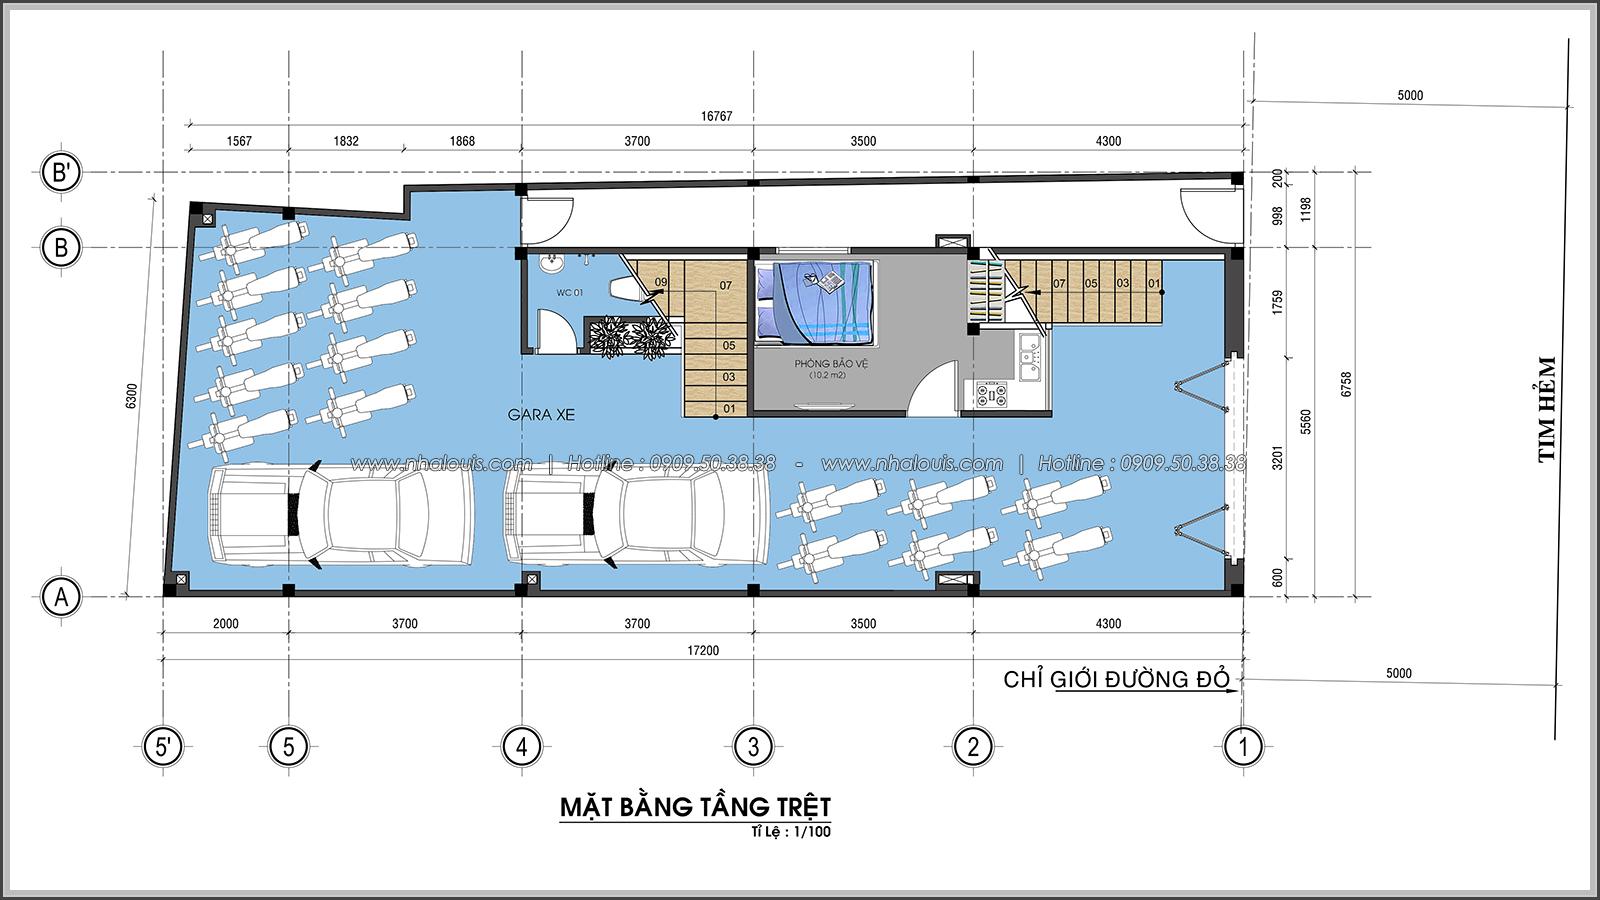 Mặt bằng tầng trệt Thiết kế nhà trọ cho thuê cao cấp tiết kiệm chi phí và hiệu quả tại Tân Bình - 04